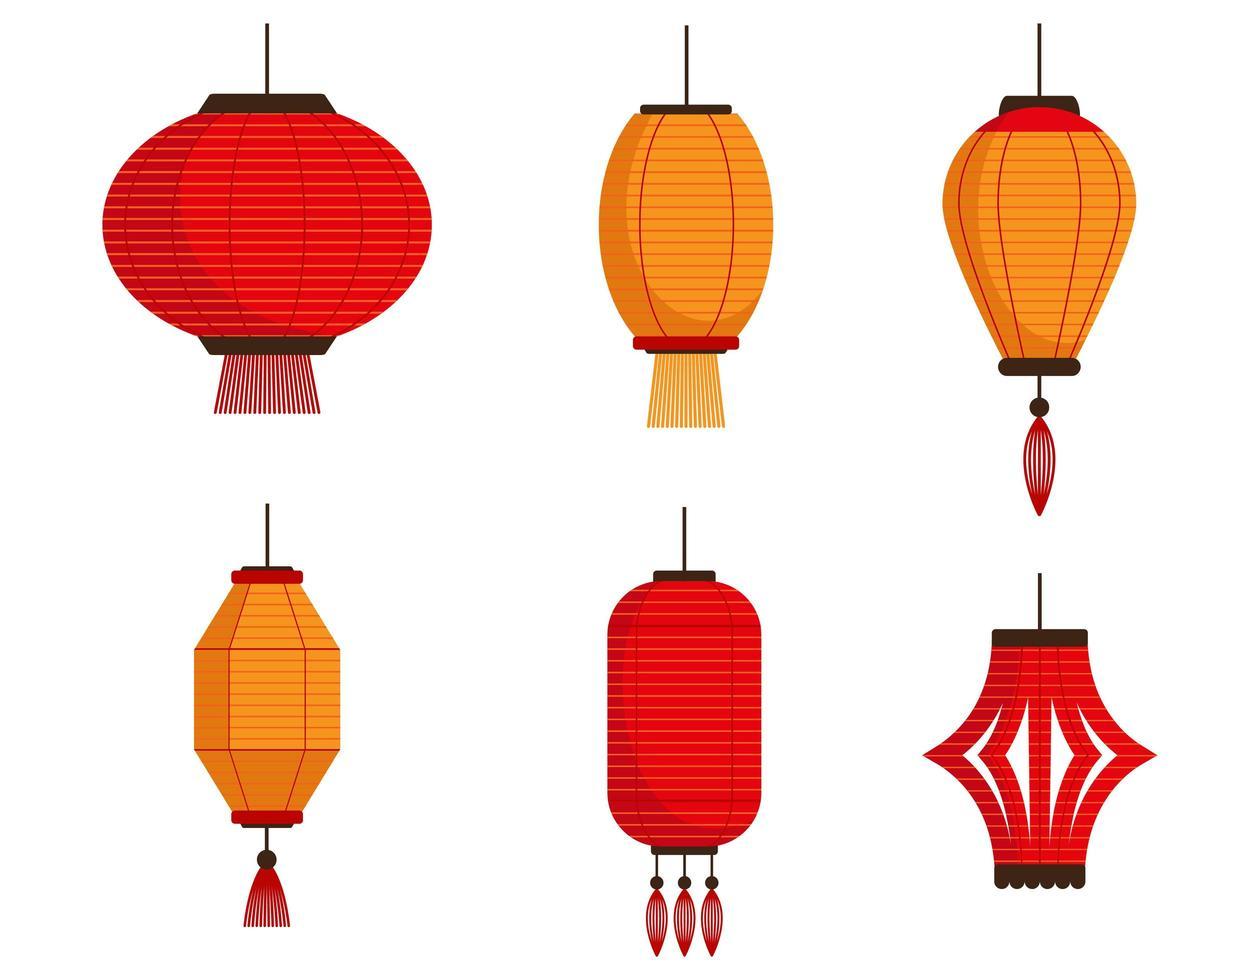 uppsättning olika kinesiska lyktor vektor